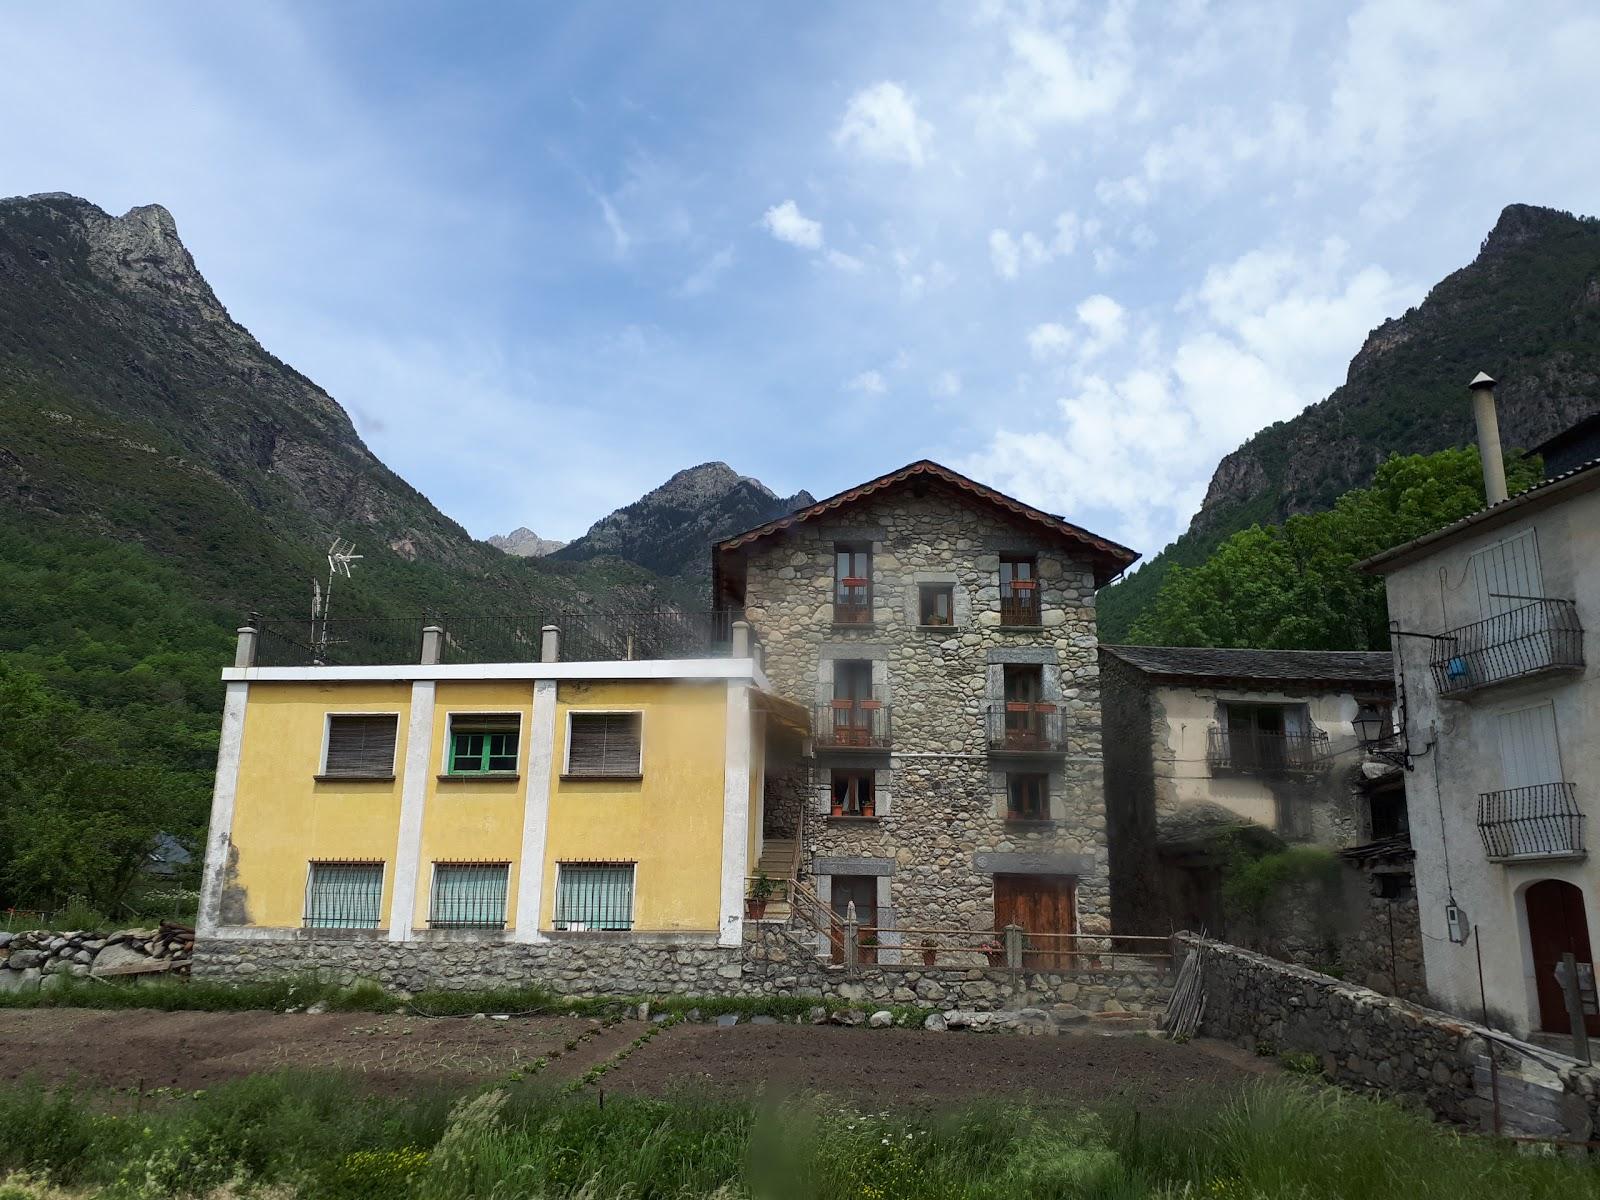 111 casas rurales cerca de eriste huesca - Casas rurales cerca de talavera ...